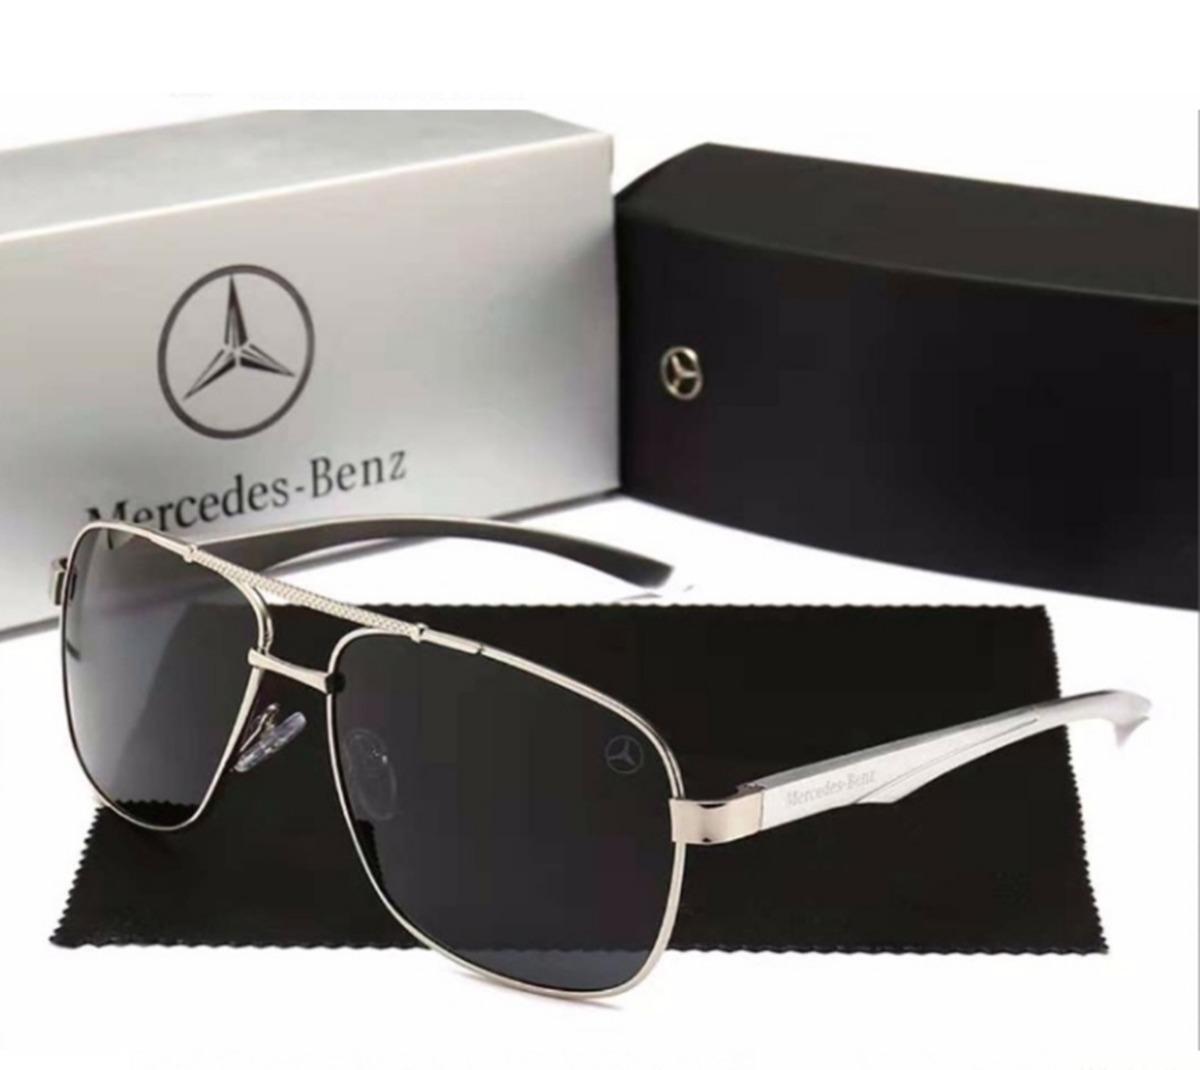 5c3660dfd4c13 óculos sol masculino polarizado mercedes benz uv400 barato. Carregando zoom.